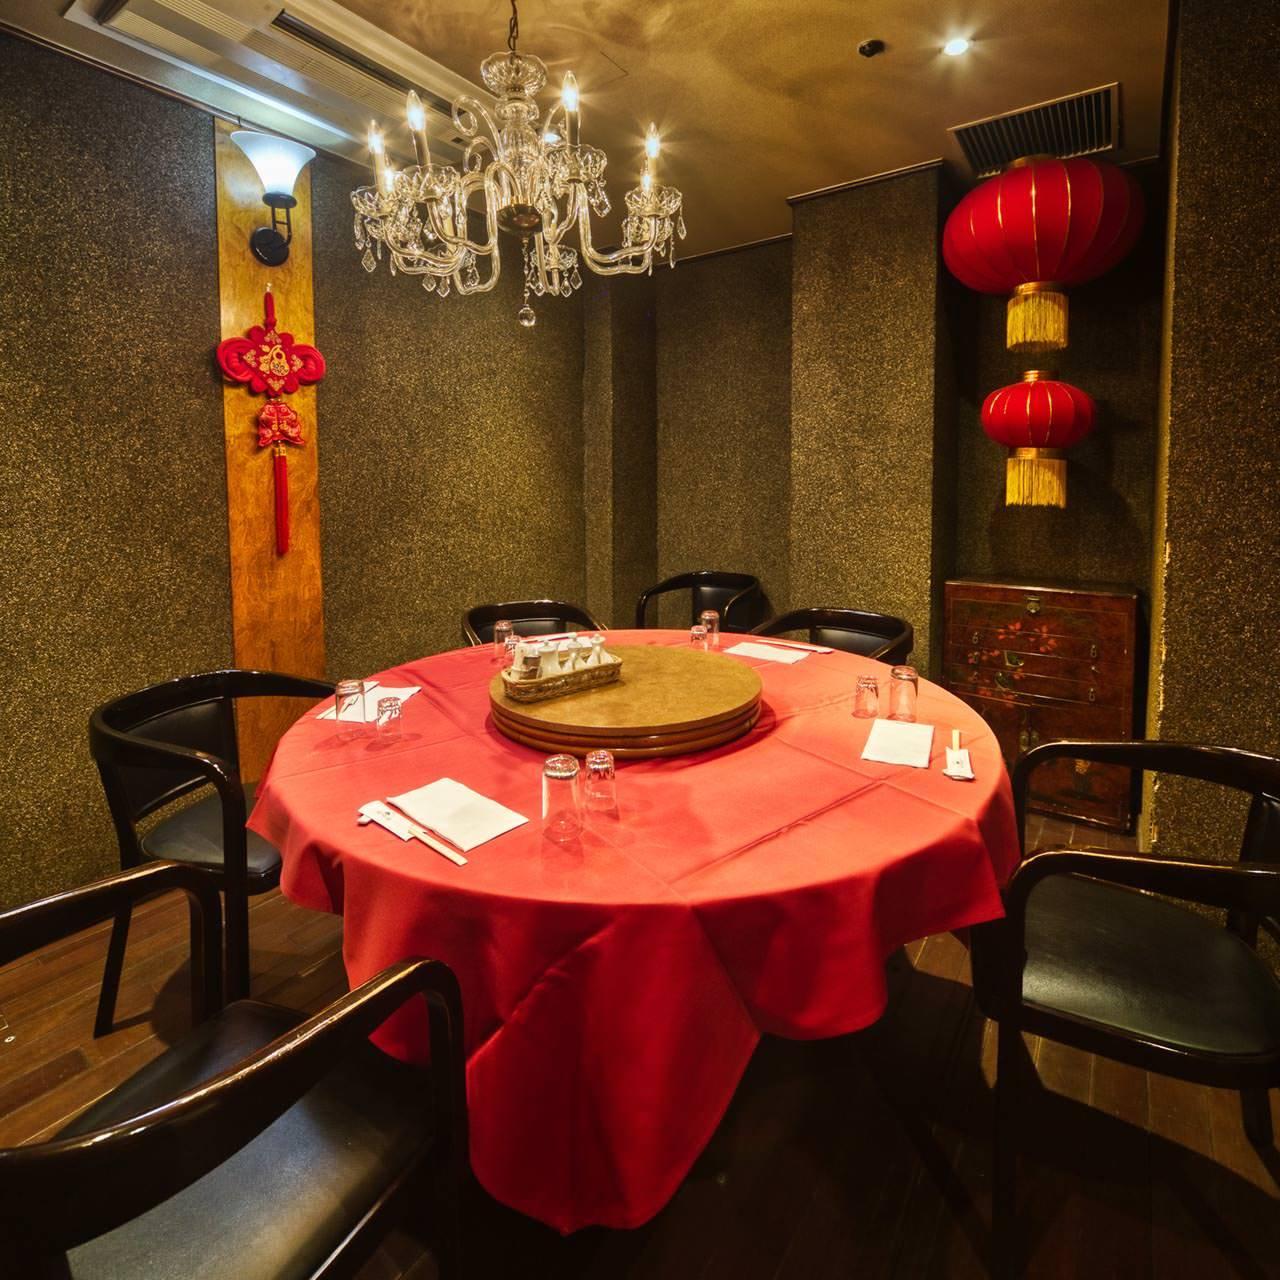 大円卓で楽しむ中国様式の美個室空間